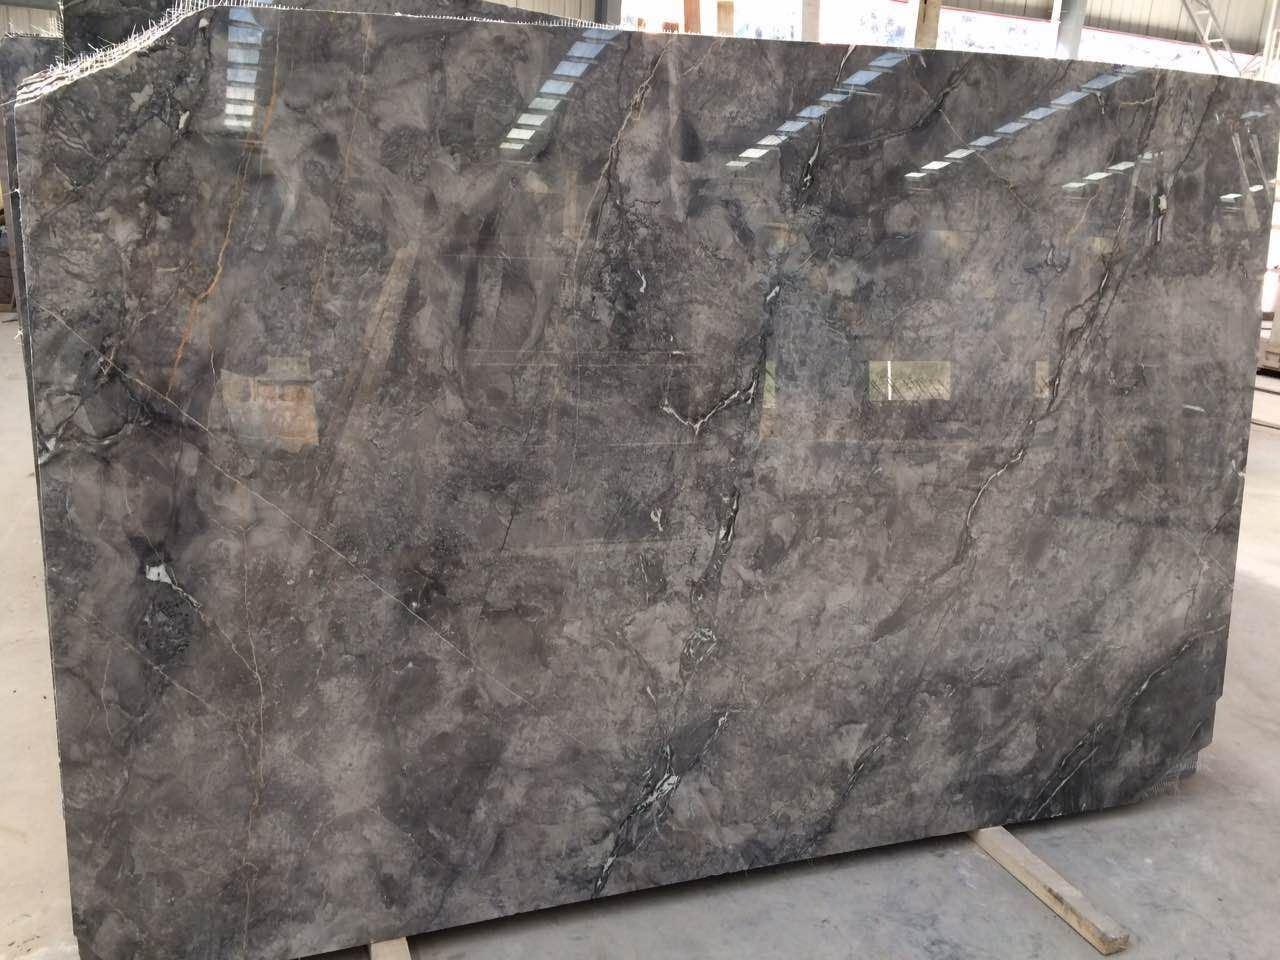 Fußboden Aus Ziegel ~ Bester imperialer grauer großhandelsmarmor deckt wand und fußboden